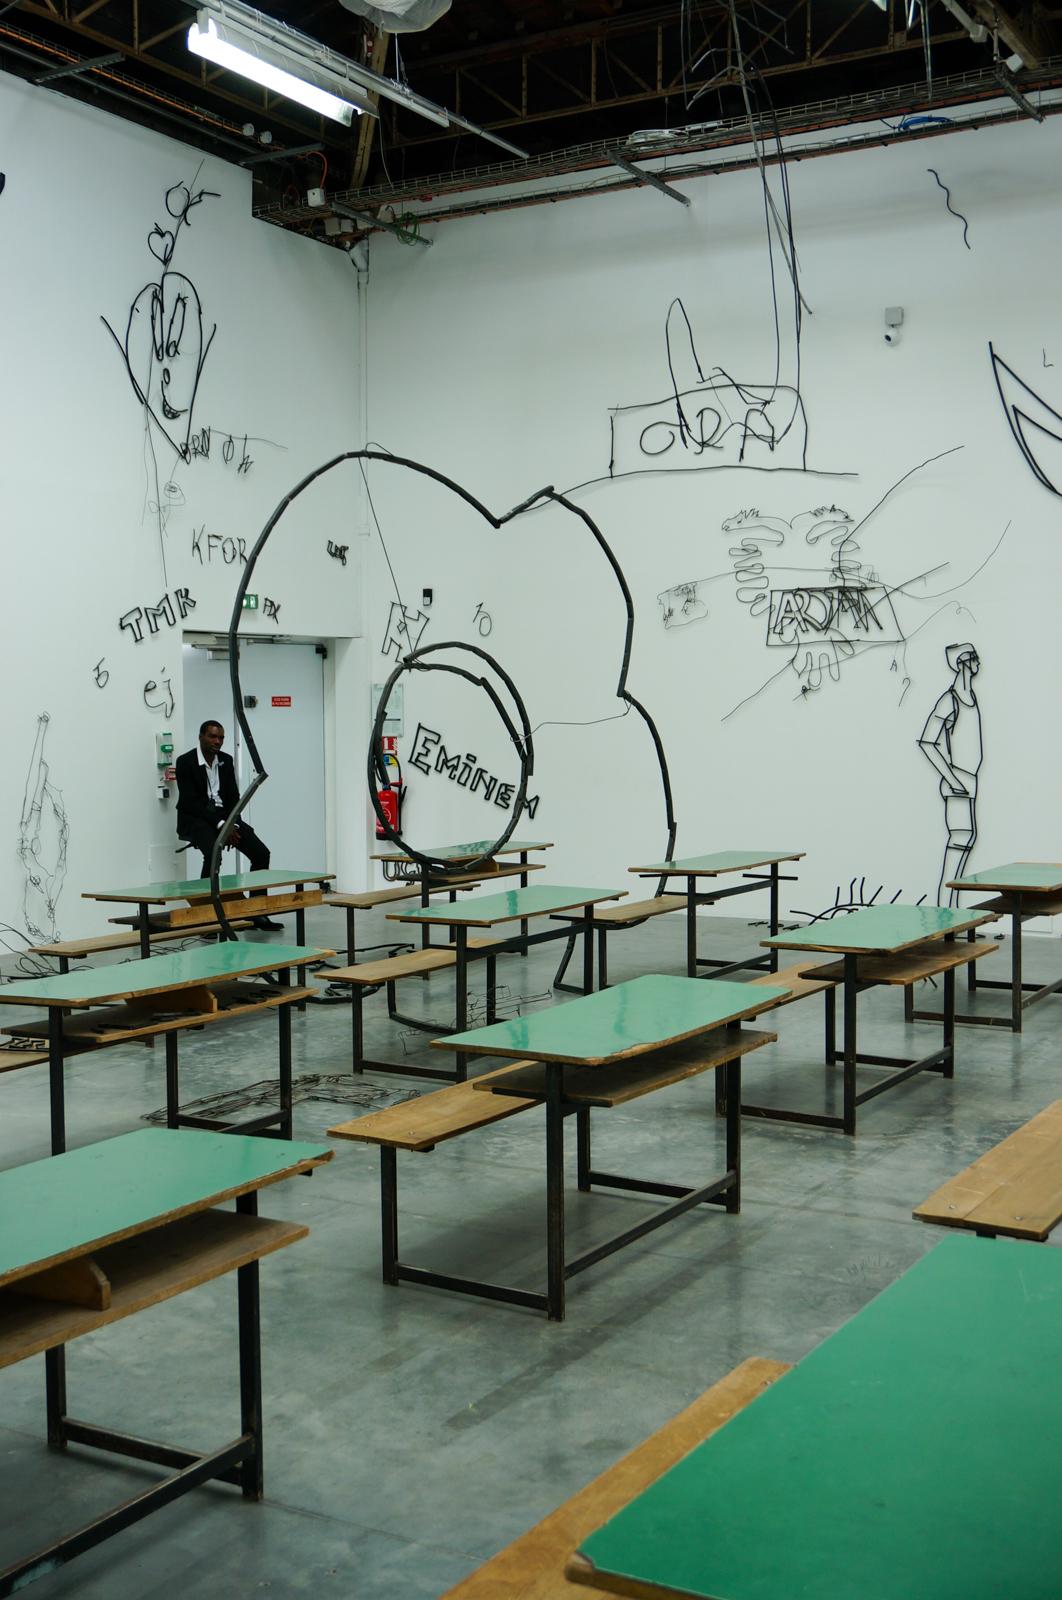 Abetare, Petrit Halilaj, Encore un jour banane pour le poisson-rêve, palais de tokyo, enfance palais tokyo